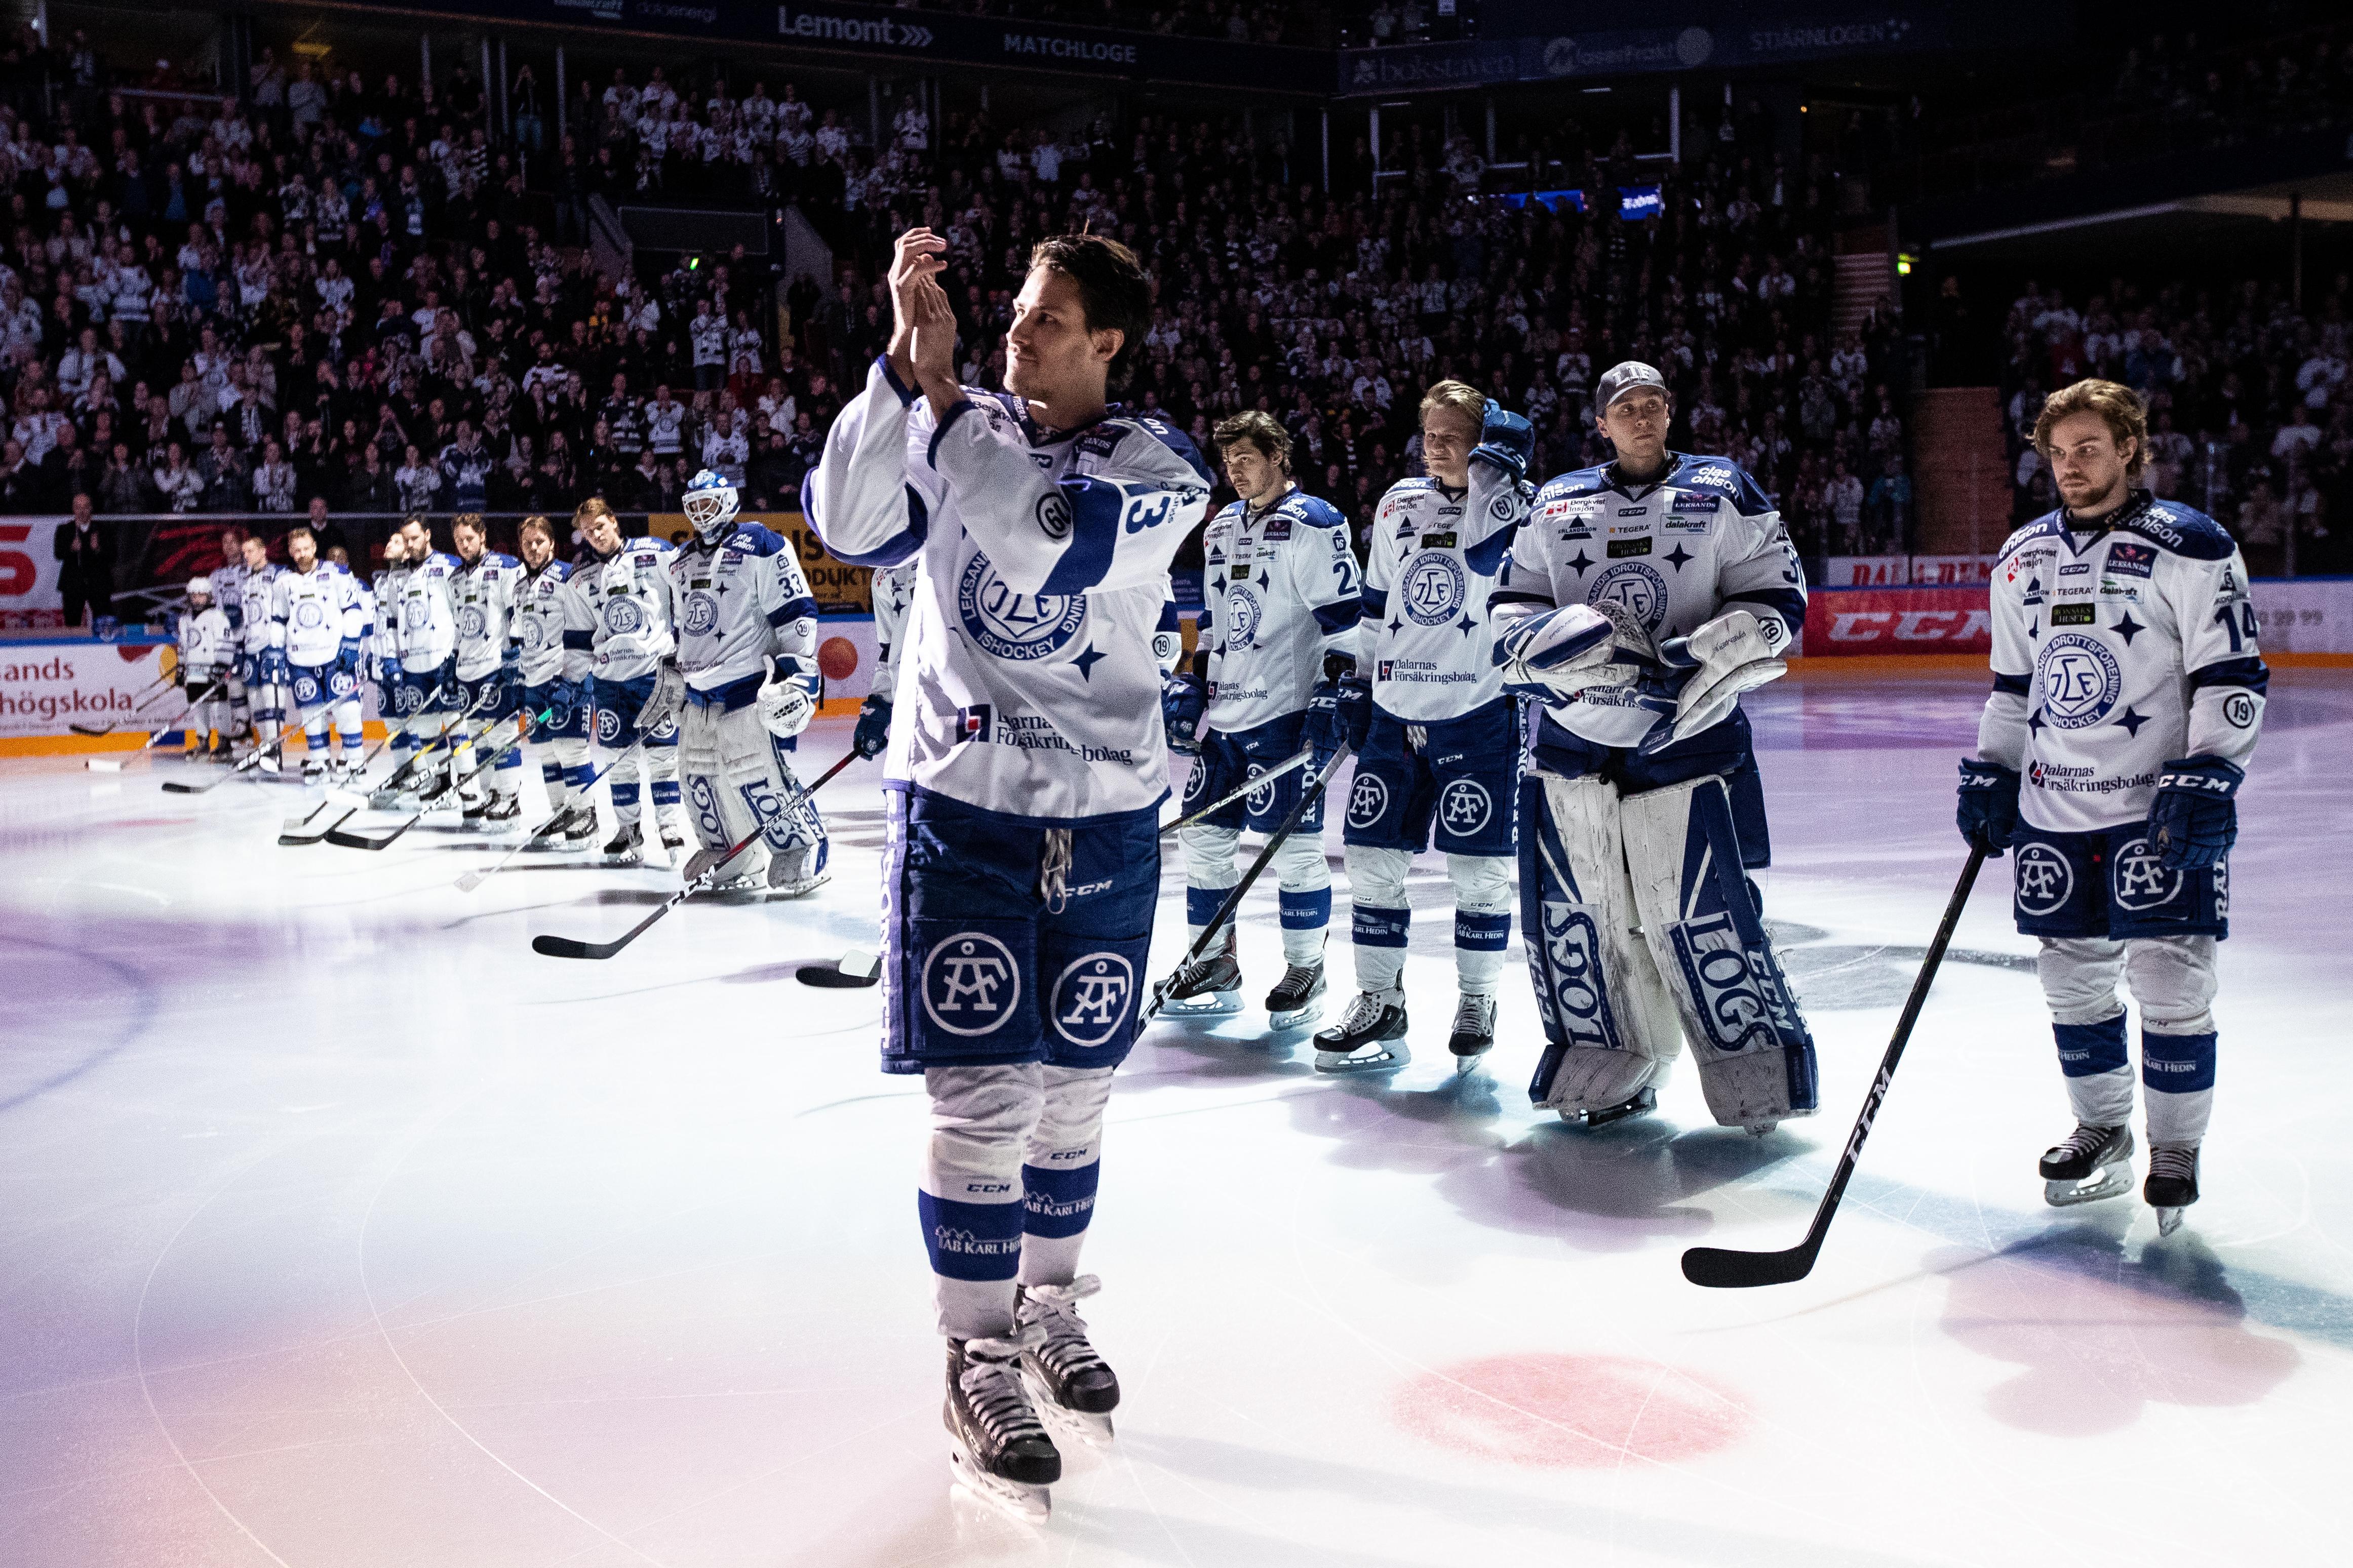 Jon Knuts hyllas för 500 matcher i Leksandströjan. Foto: Daniel Eriksson/Bildbyrån.